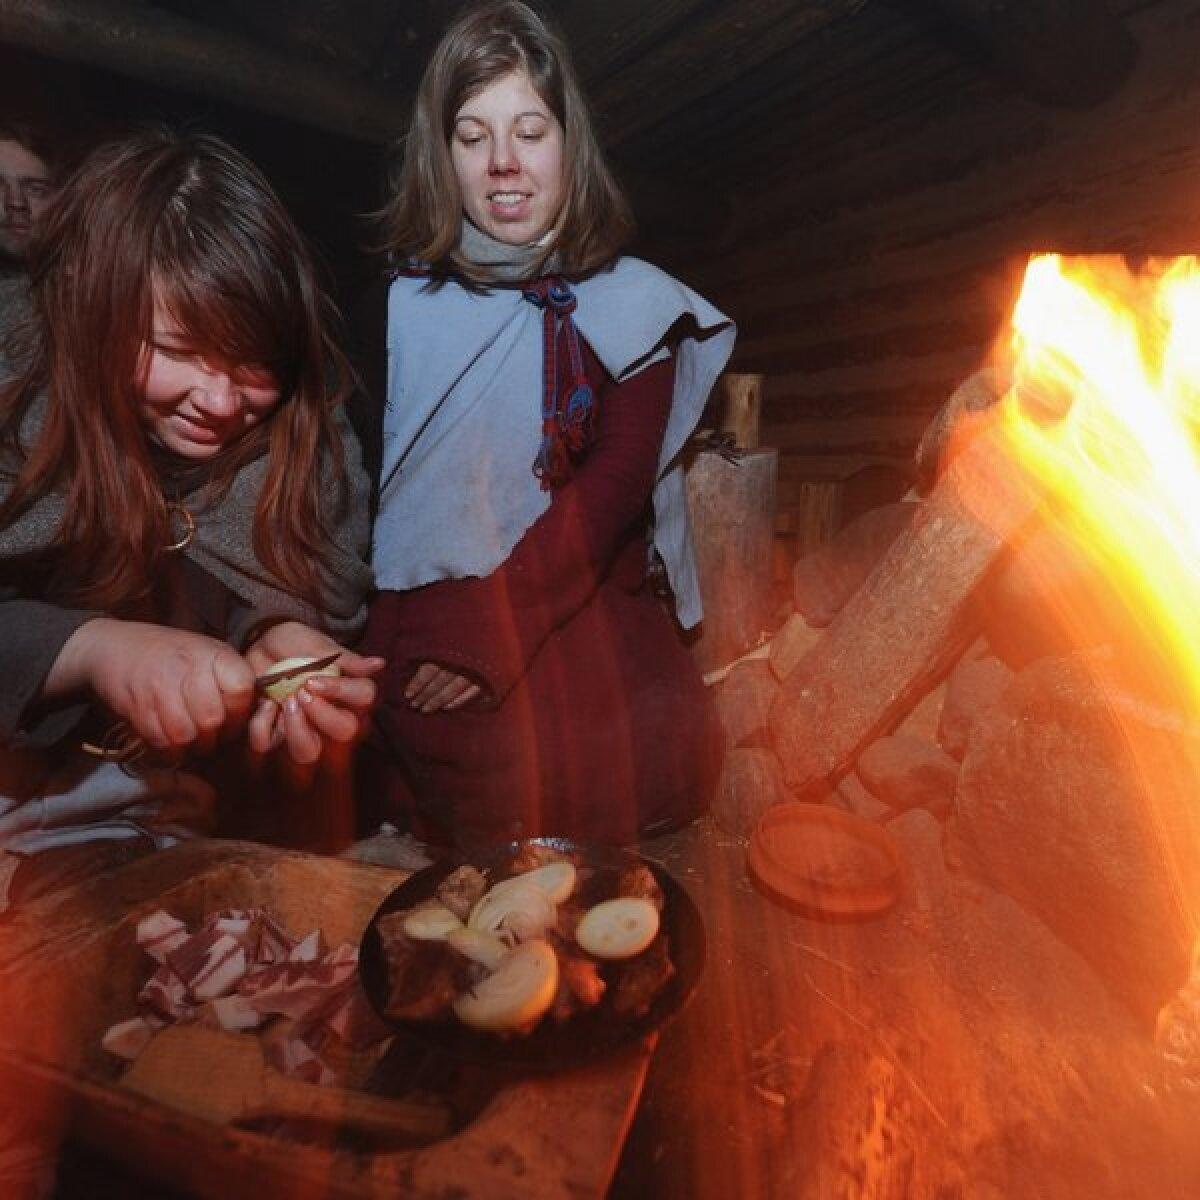 MarMaarja Lainevoog ja Kristin Otti on ametis õhtusöögi valmistamisega.Toidu tegemine on üks meeldivamaid tegevusi ja ajaviiteid muidu pimedas ja suitsuses toas.k